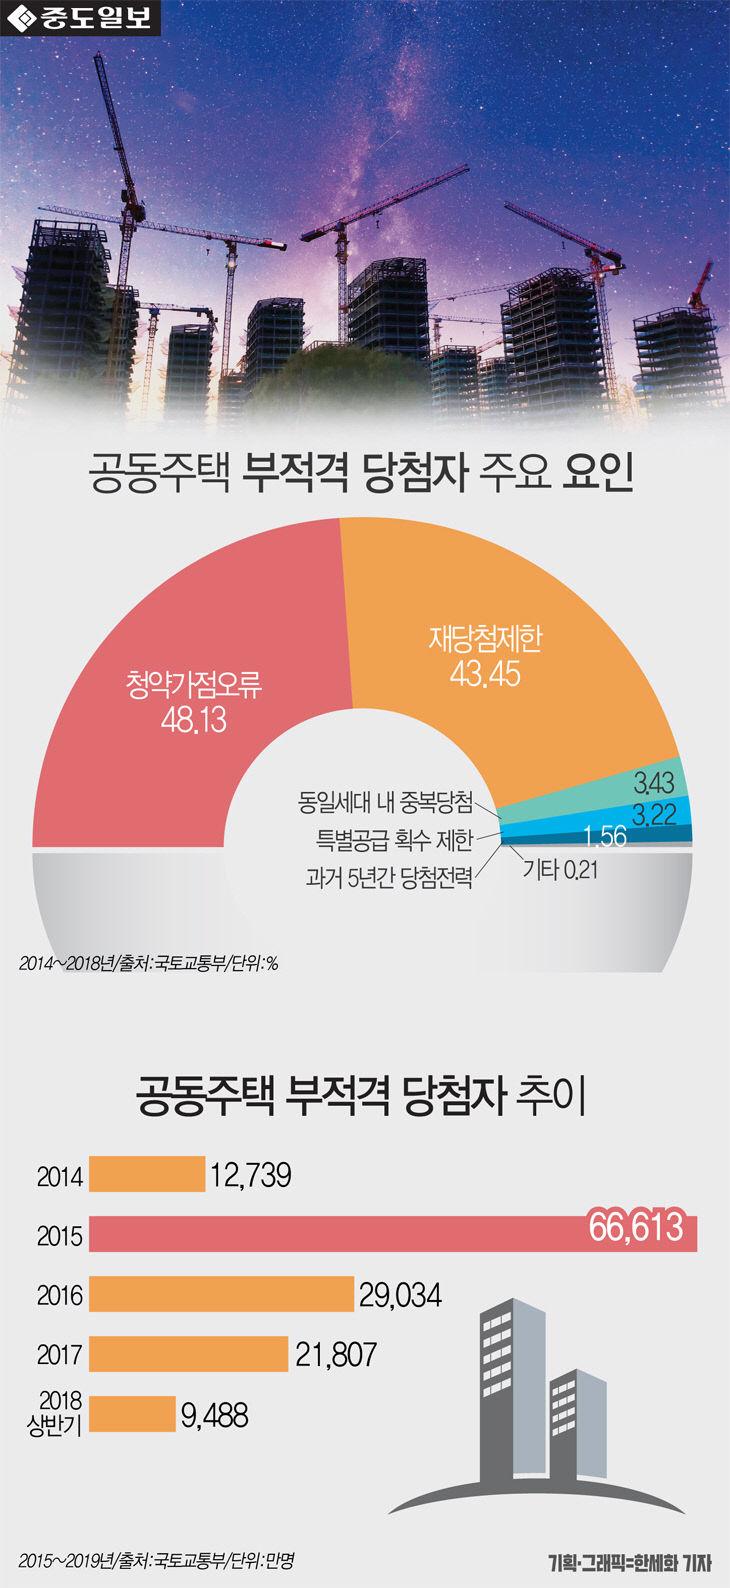 [인포그래픽] 공동주택 부정당첨 원인 1위 `청약가점오류` 48.13%... 연도별 부정당..